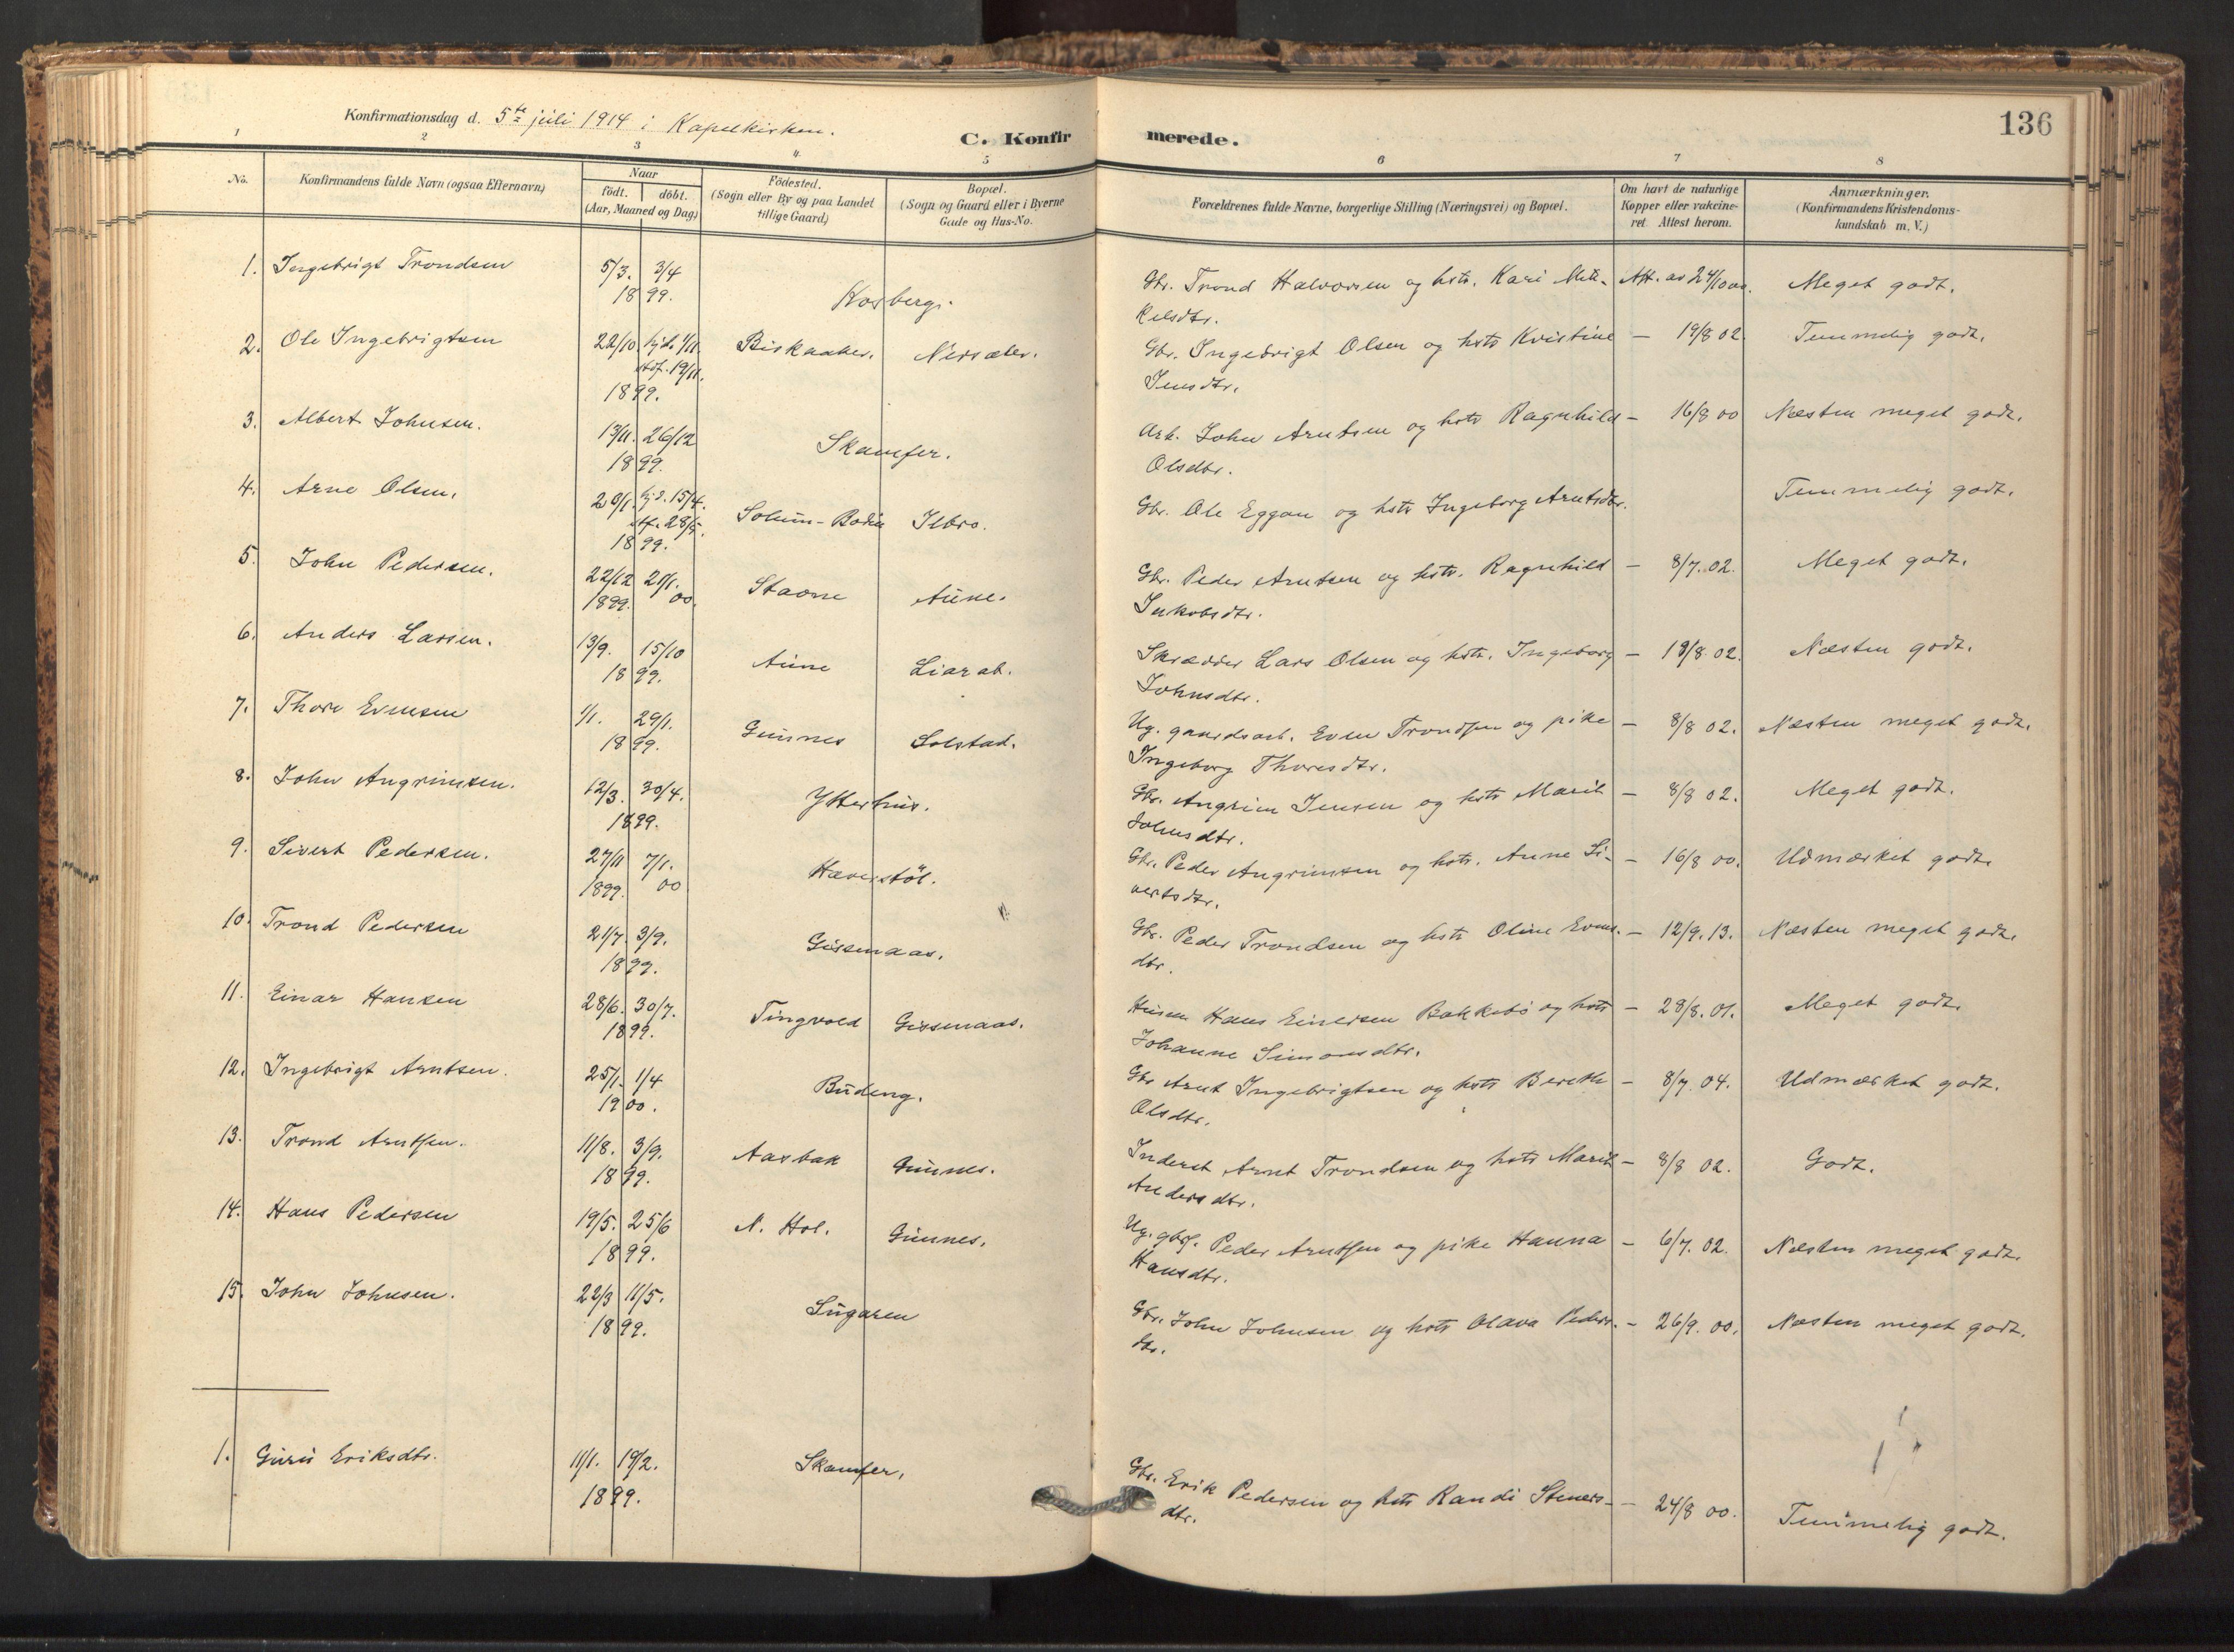 SAT, Ministerialprotokoller, klokkerbøker og fødselsregistre - Sør-Trøndelag, 674/L0873: Ministerialbok nr. 674A05, 1908-1923, s. 136